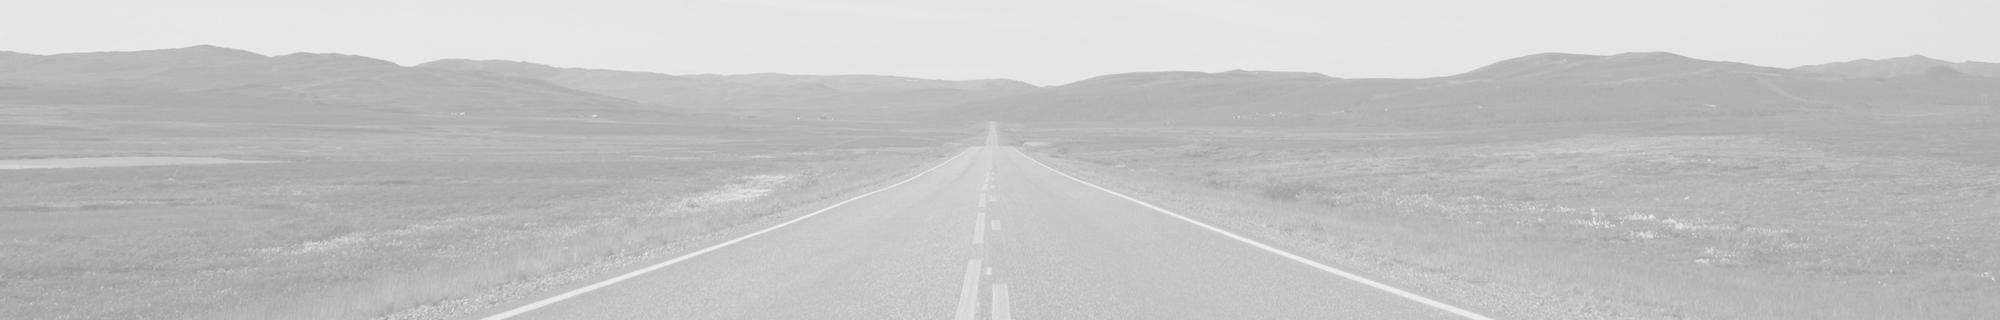 https://www.takeldienst-stefcars.be/files/modules/sfeer/header_road.png